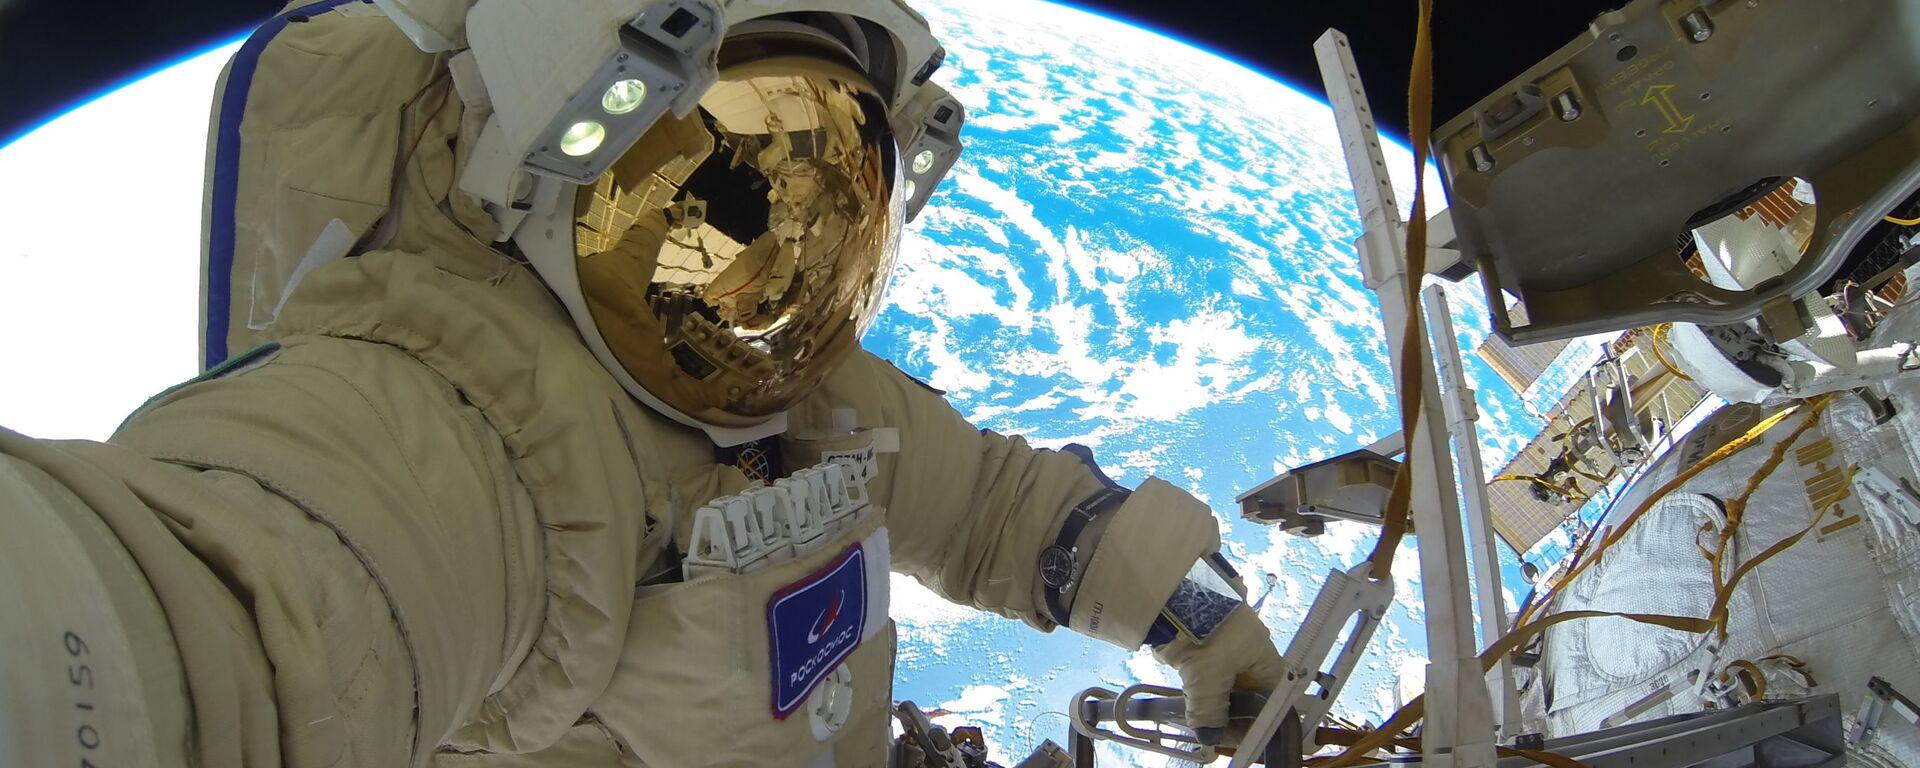 Kosmonaut Roskosmosu Sergej Kuď-Sverčkov během výstupu do volného prostoru - Sputnik Česká republika, 1920, 05.10.2021